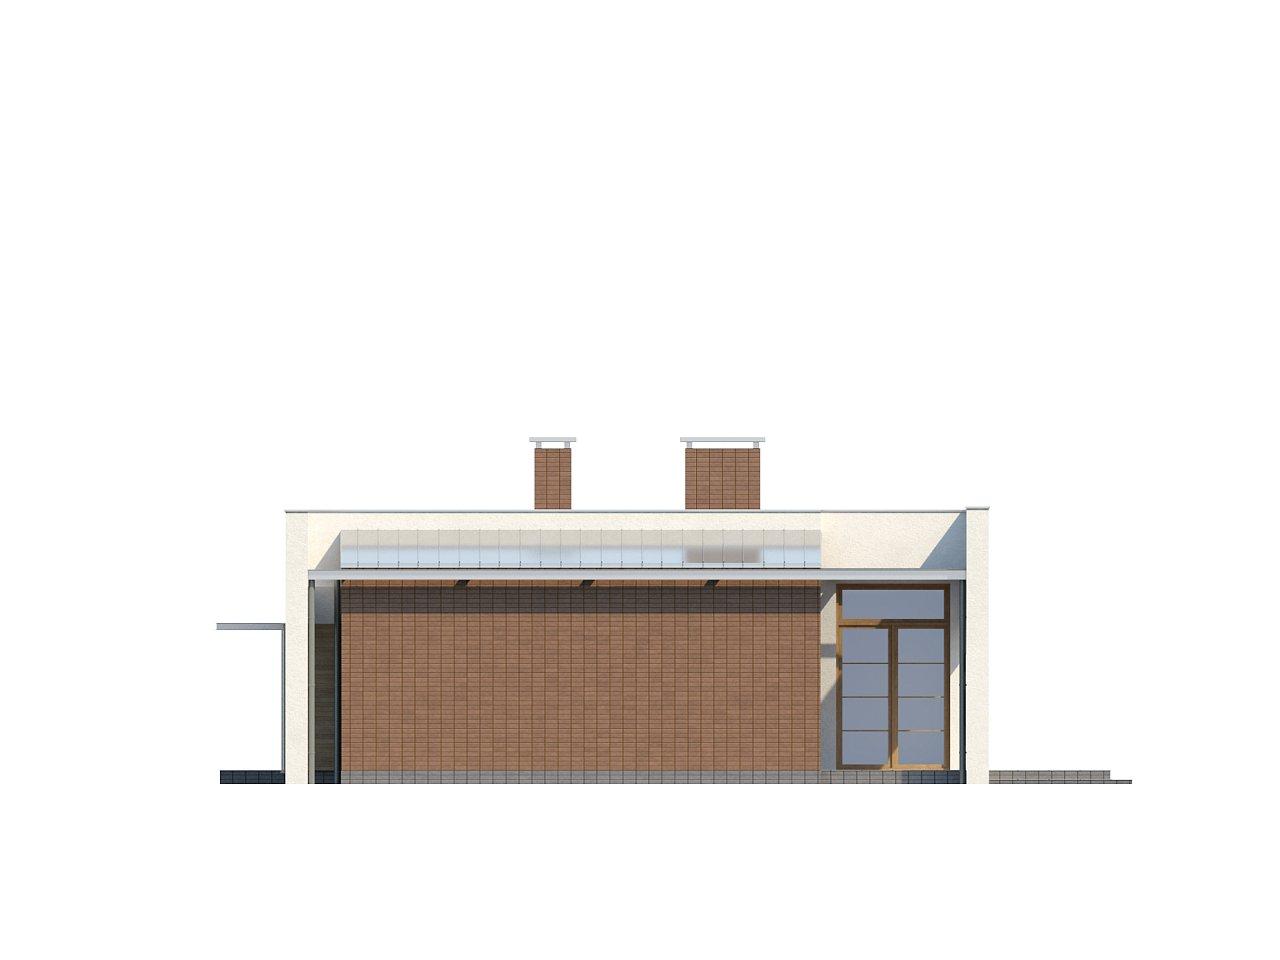 Одноэтажный дом с плоской крышей, со светлым функциональным интерьером и гаражом. 8